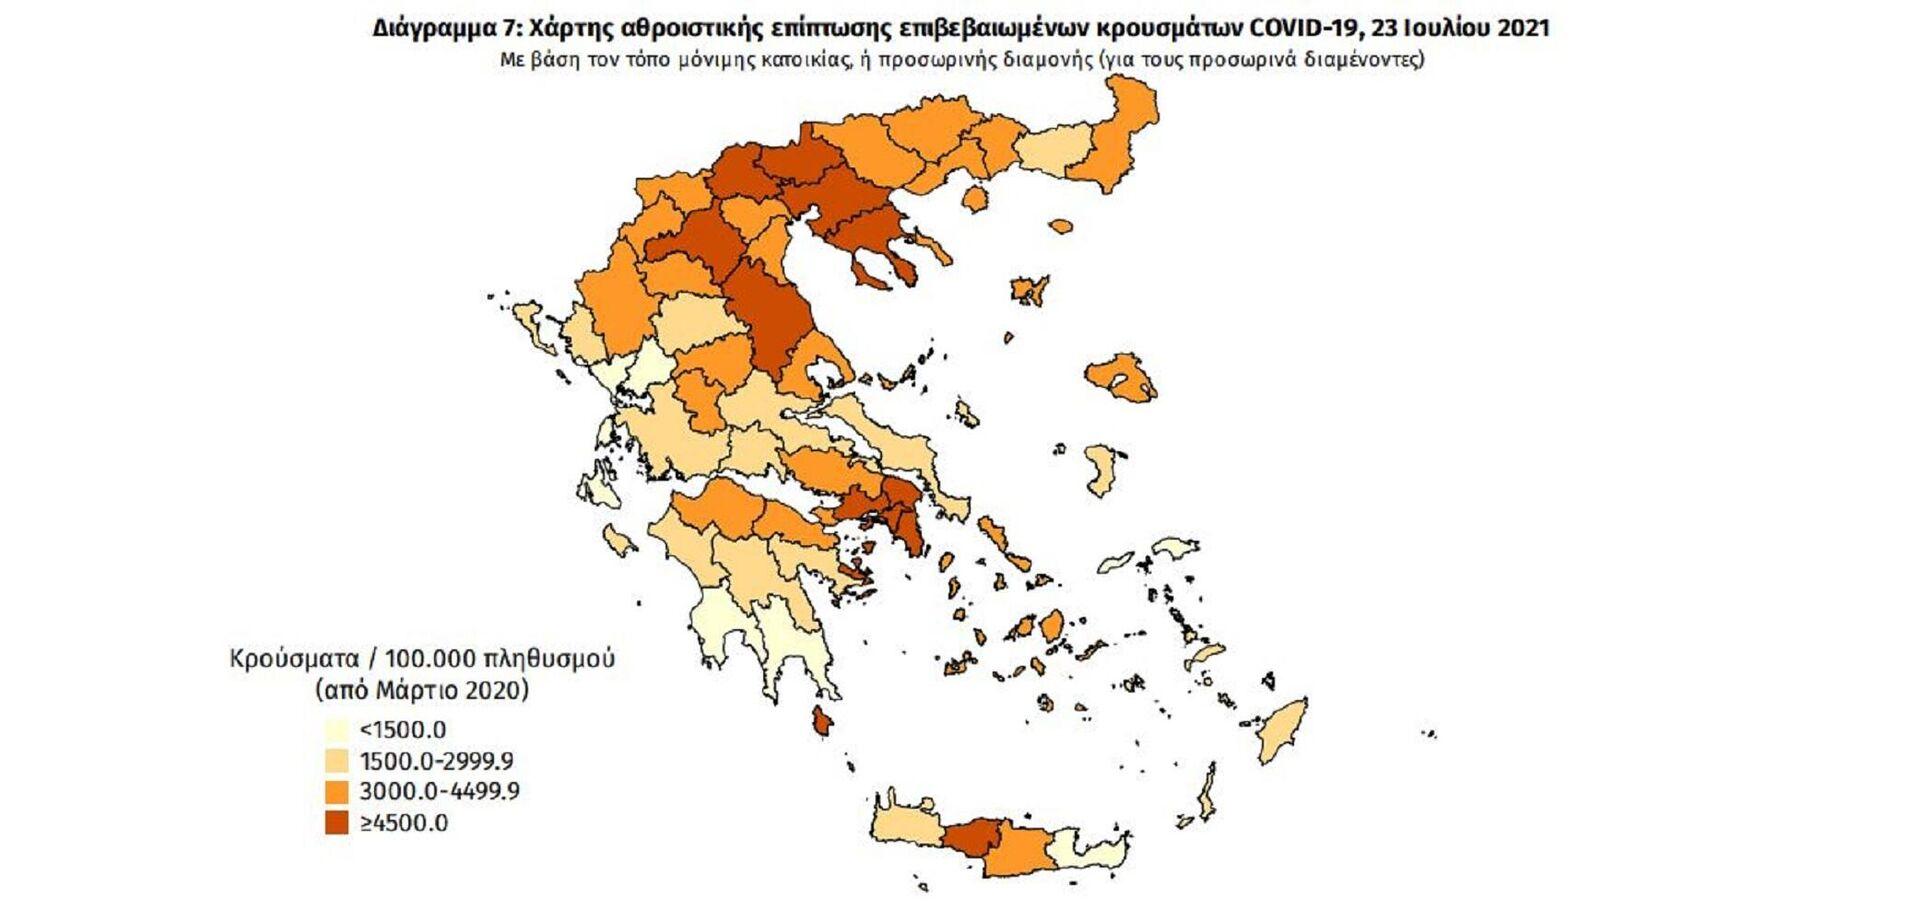 Χάρτης αθροιστικής επίπτωσης επιβεβαιωμένων κρουσμάτων COVID-19, 23 Ιουλίου 2021 - Sputnik Ελλάδα, 1920, 23.07.2021